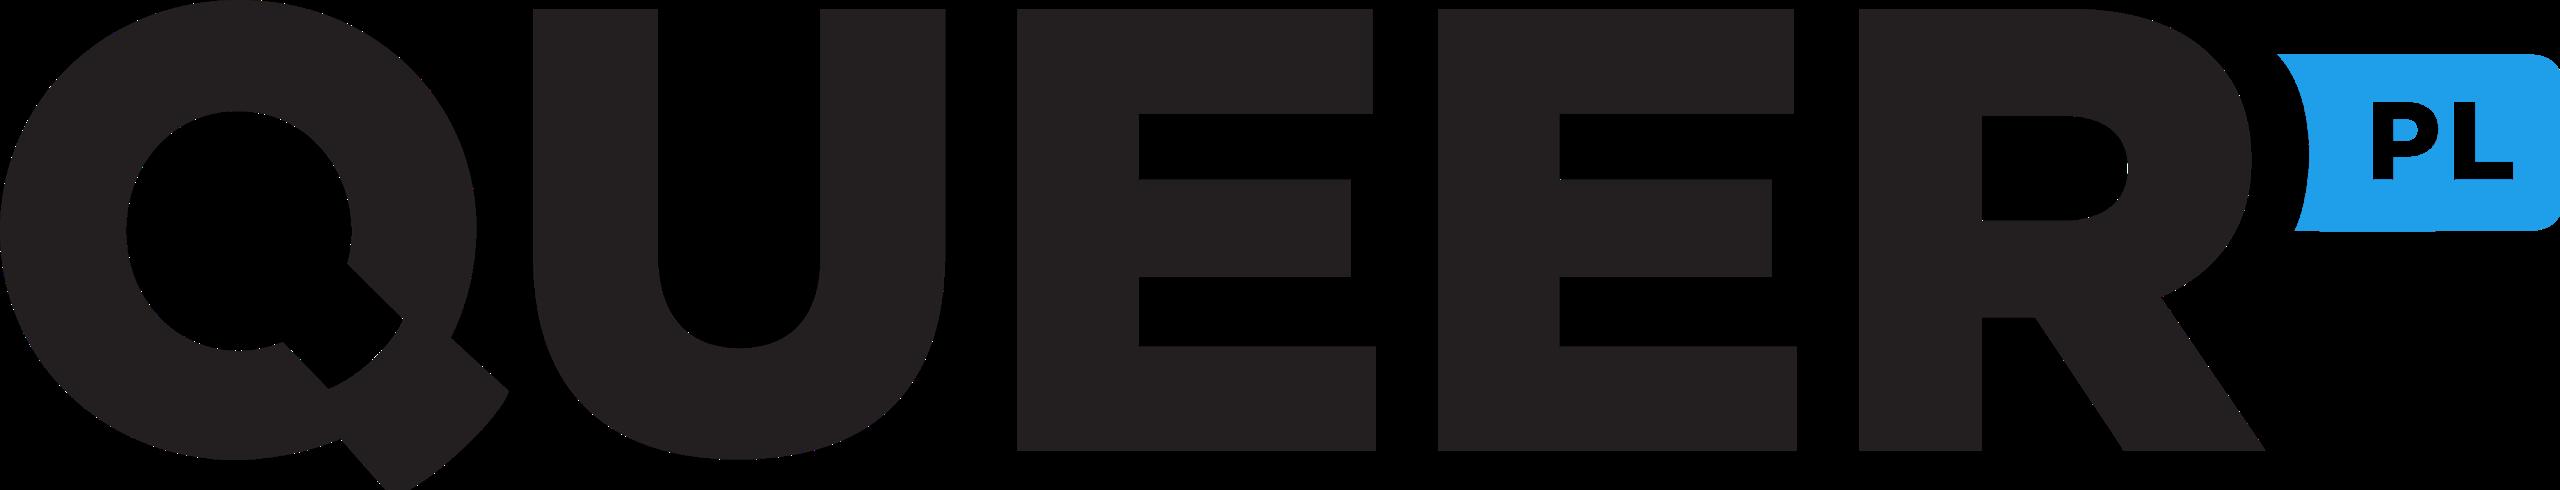 Logotyp portalu Queer.pl